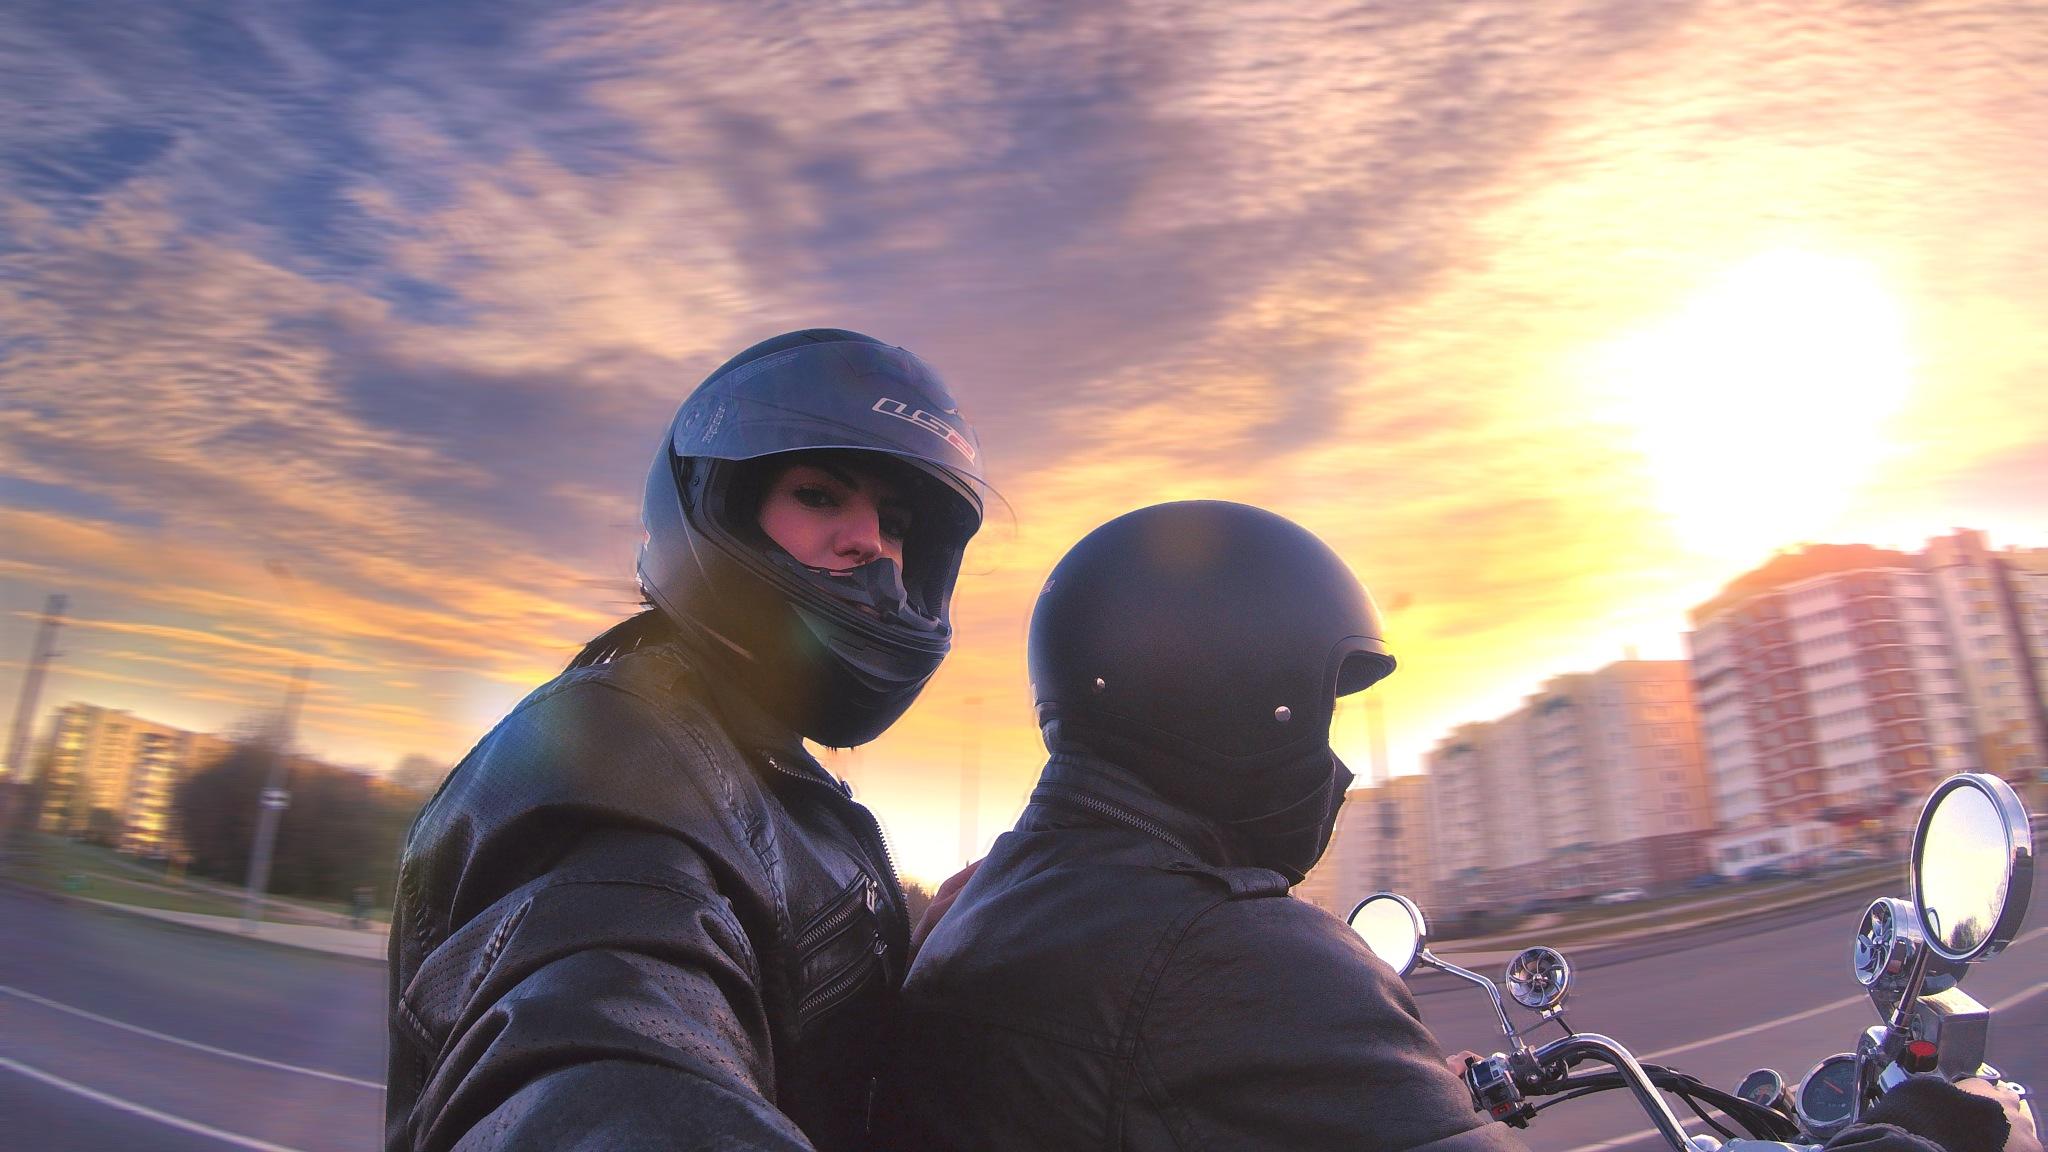 Sundown ride by Serj Shevtsov